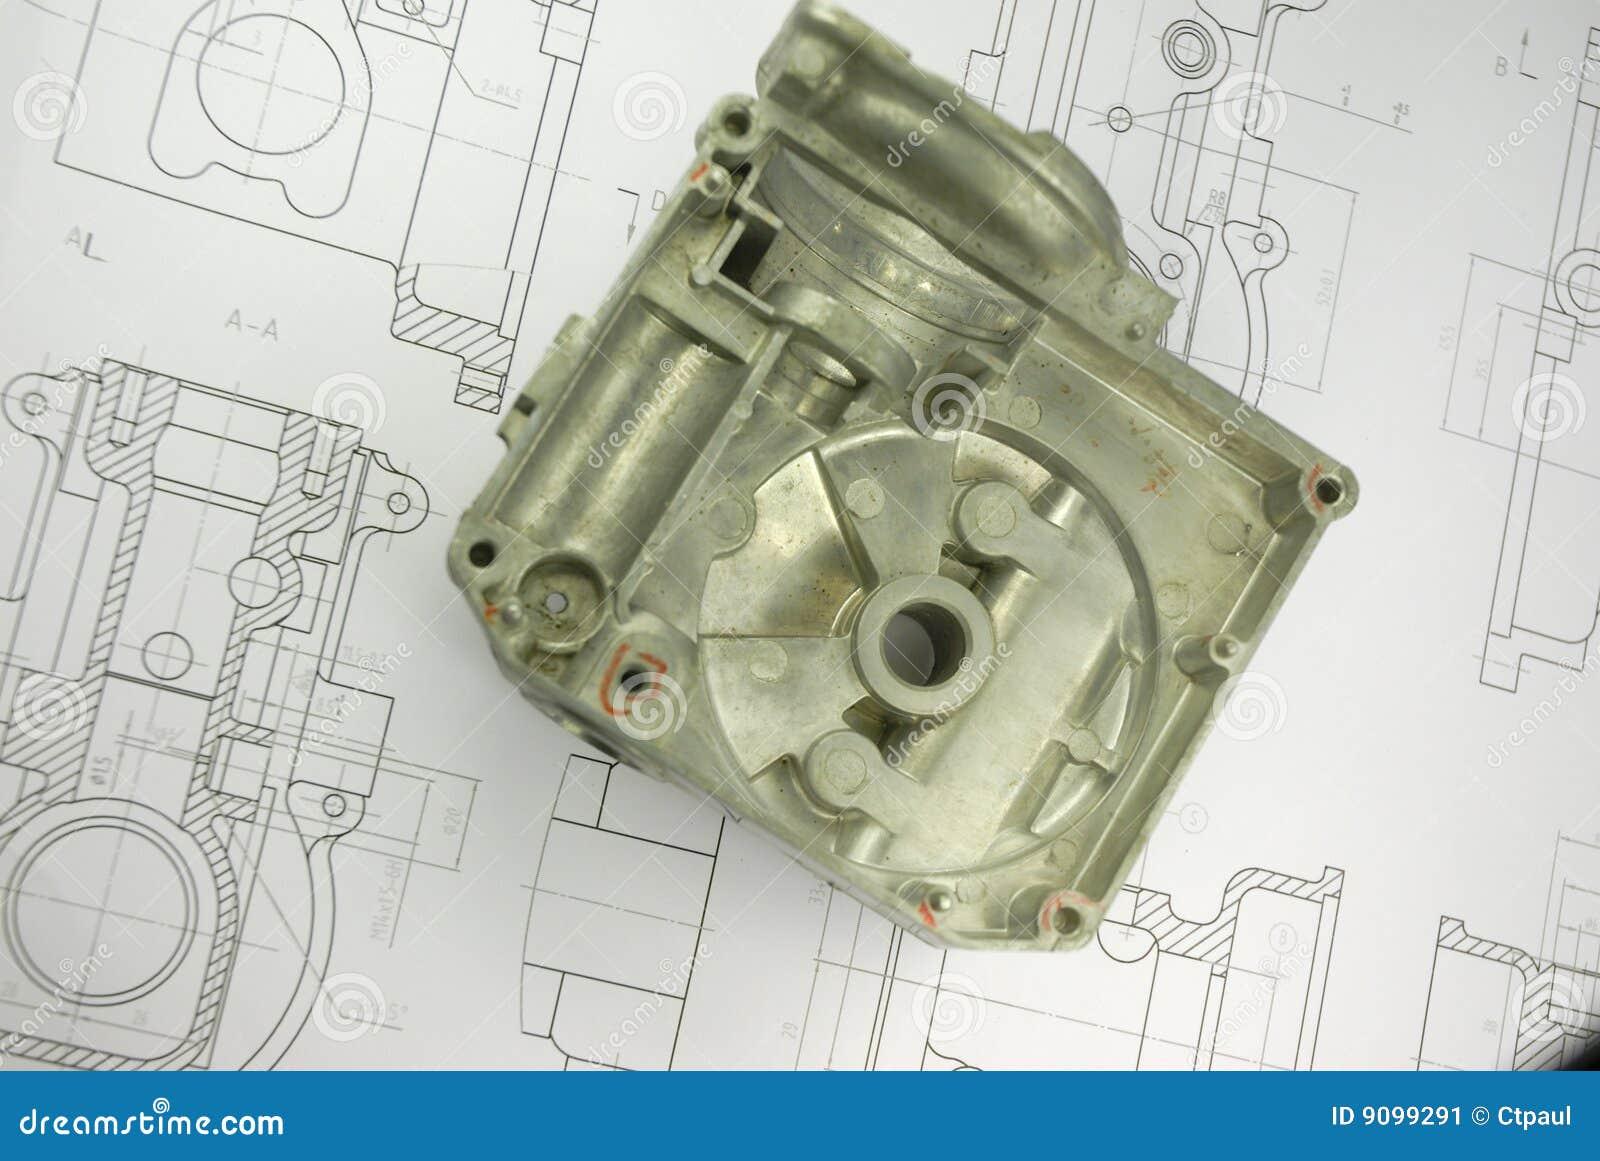 Mechanisches Teil auf Konstruktionszeichnung